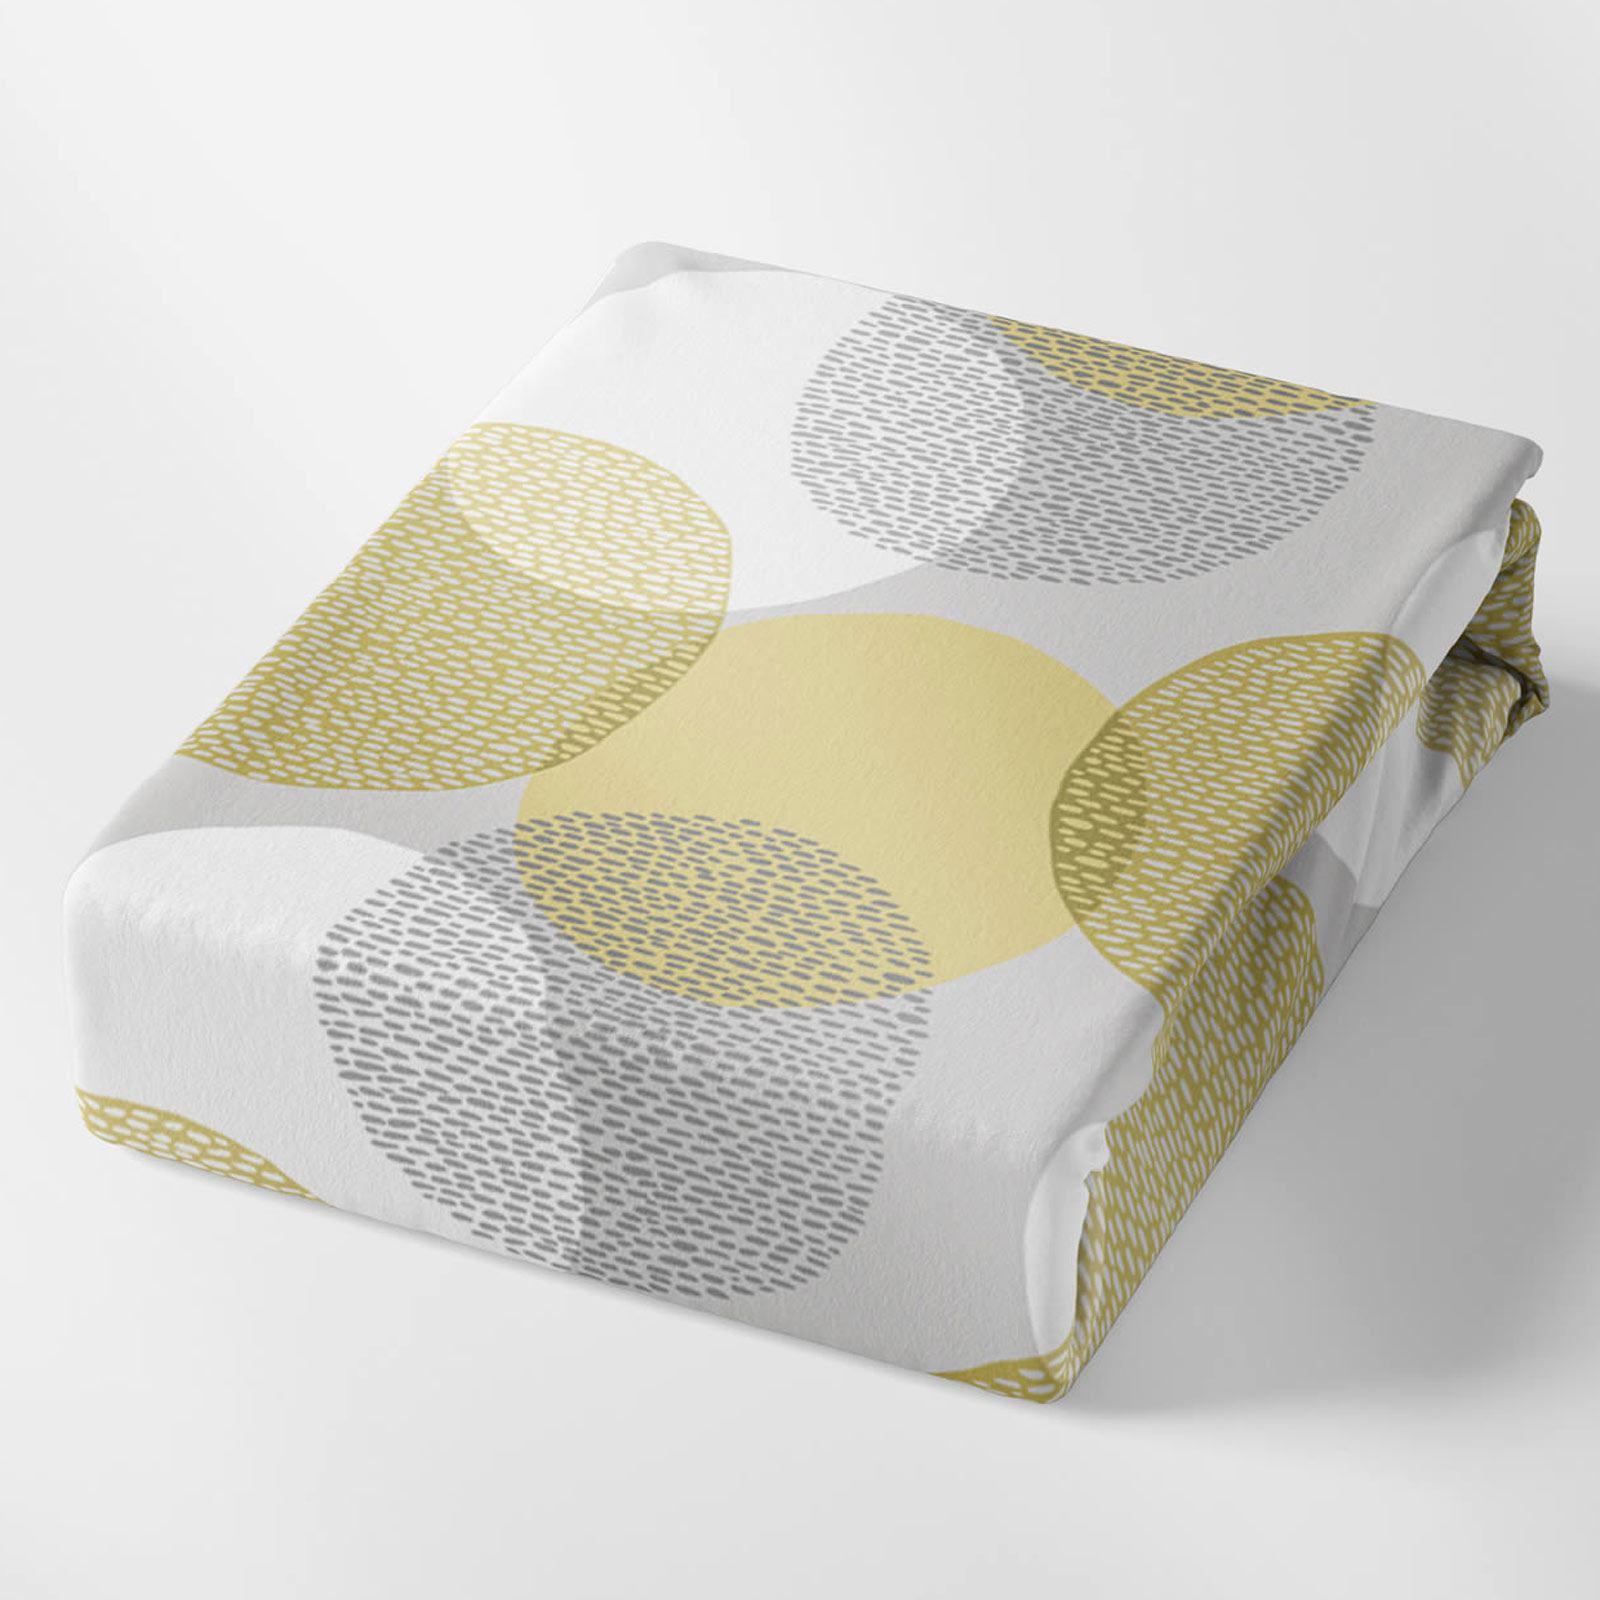 Mostaza-amarillo-ocre-Funda-de-edredon-impreso-Edredon-juego-ropa-de-cama-cubre-conjuntos miniatura 49